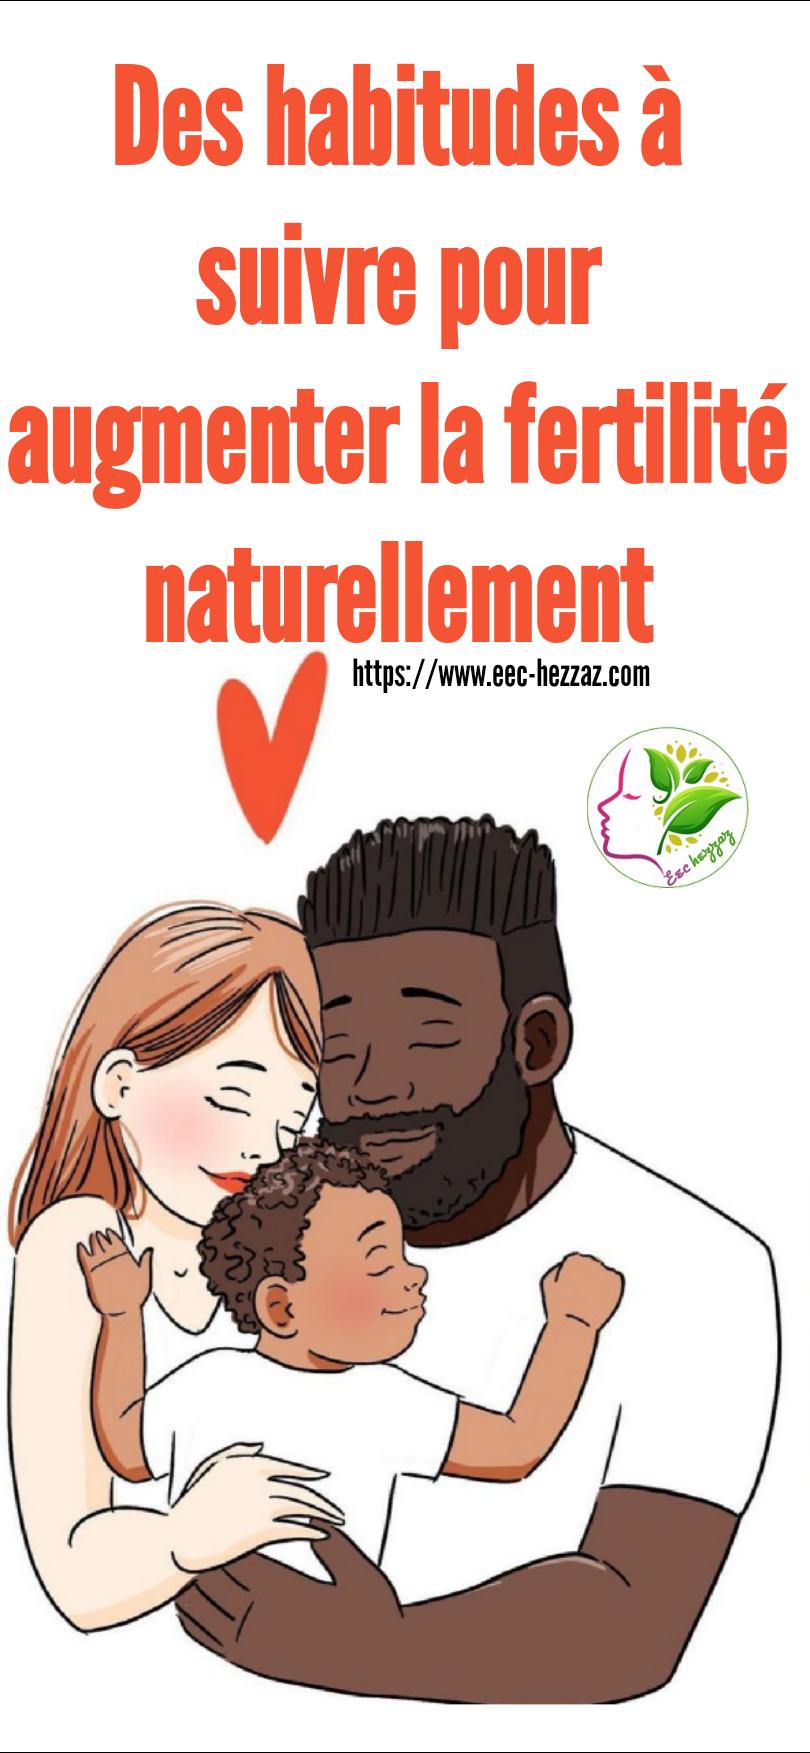 Des habitudes à suivre pour augmenter la fertilité naturellement